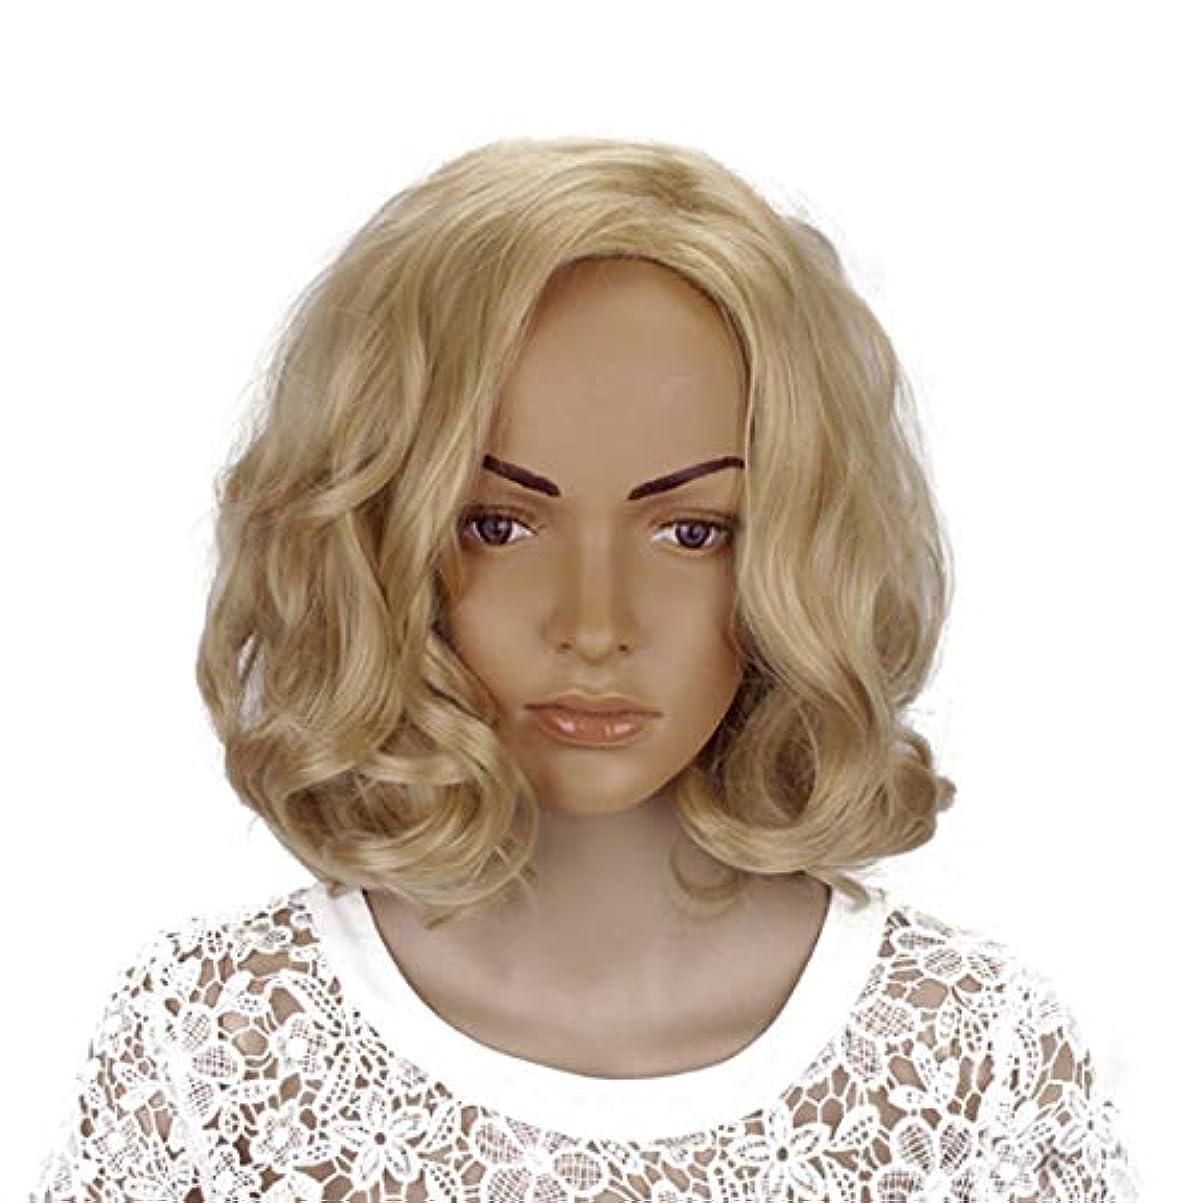 アニメーションを通して書き込みYOUQIU 女性のかつらのための傾斜部前髪コスプレ衣装デイリーパーティーウィッグブロンド14インチ女性ボボカーリーの合成 (色 : Blonde, サイズ : 14